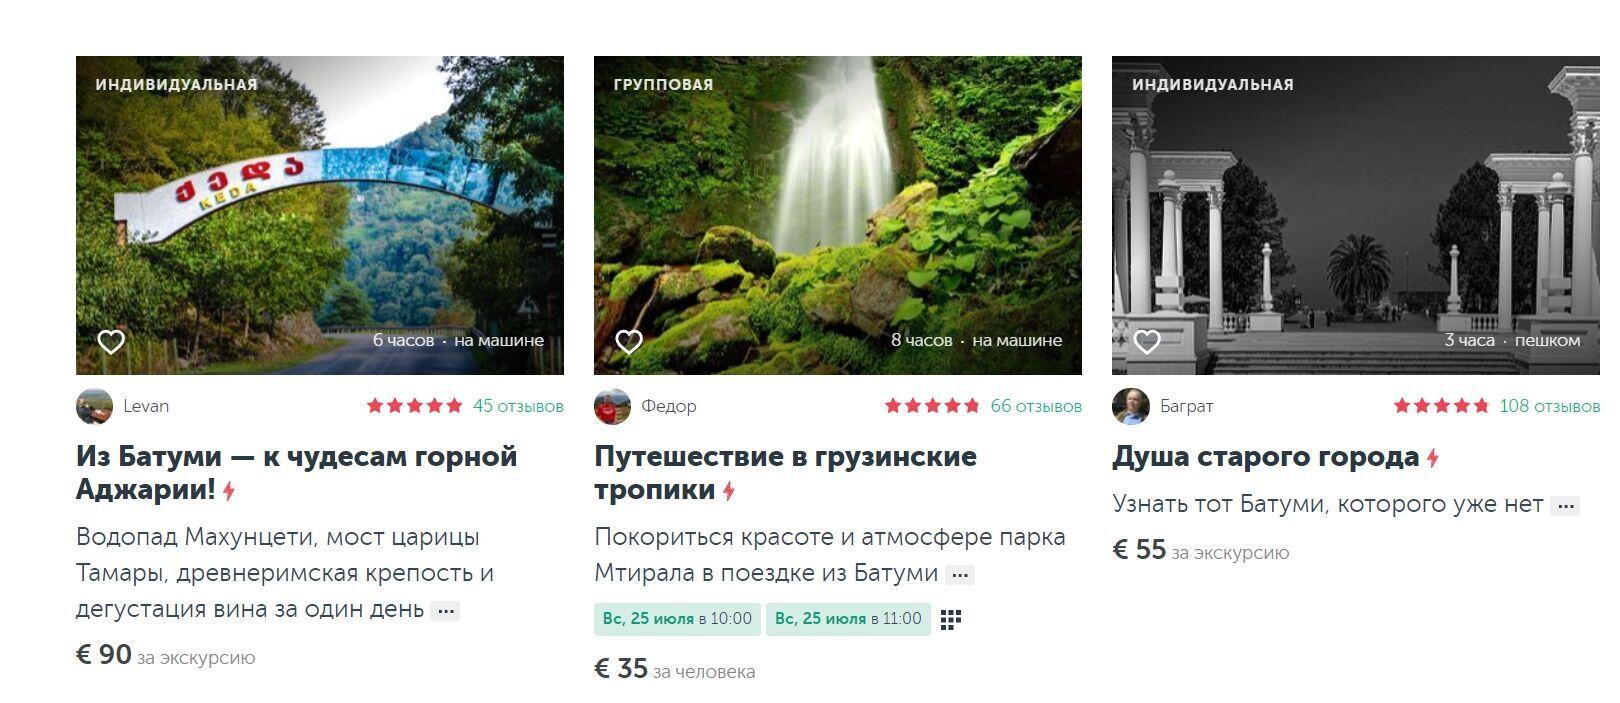 Ціни на екскурсії стартують від 35 доларів (950 грн)